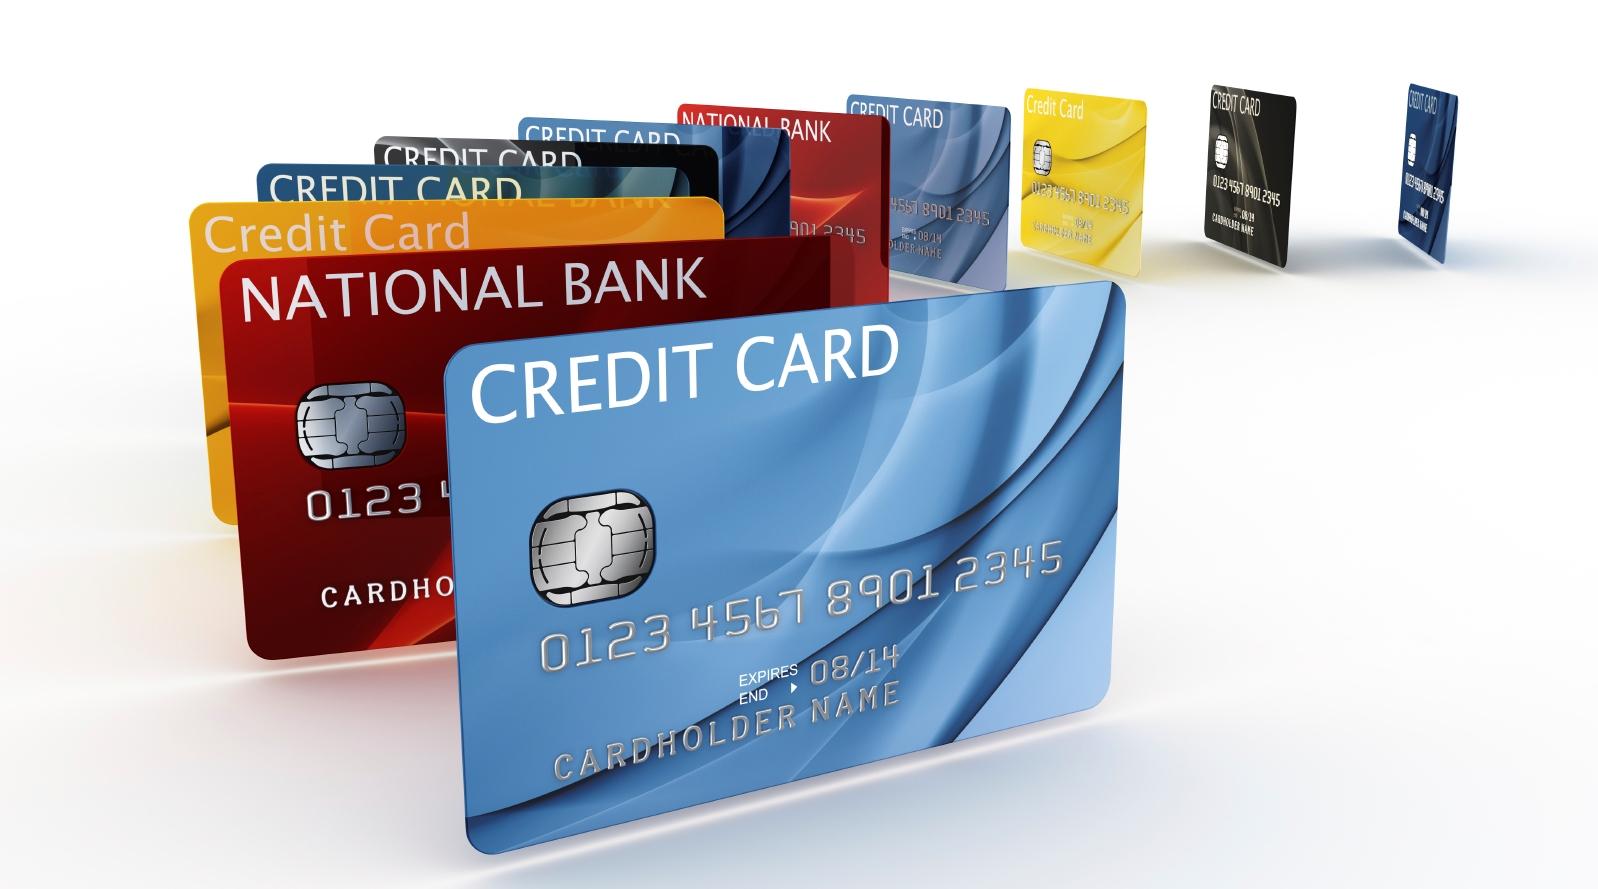 Kredit kartlarının əsas xüsusiyyətləri